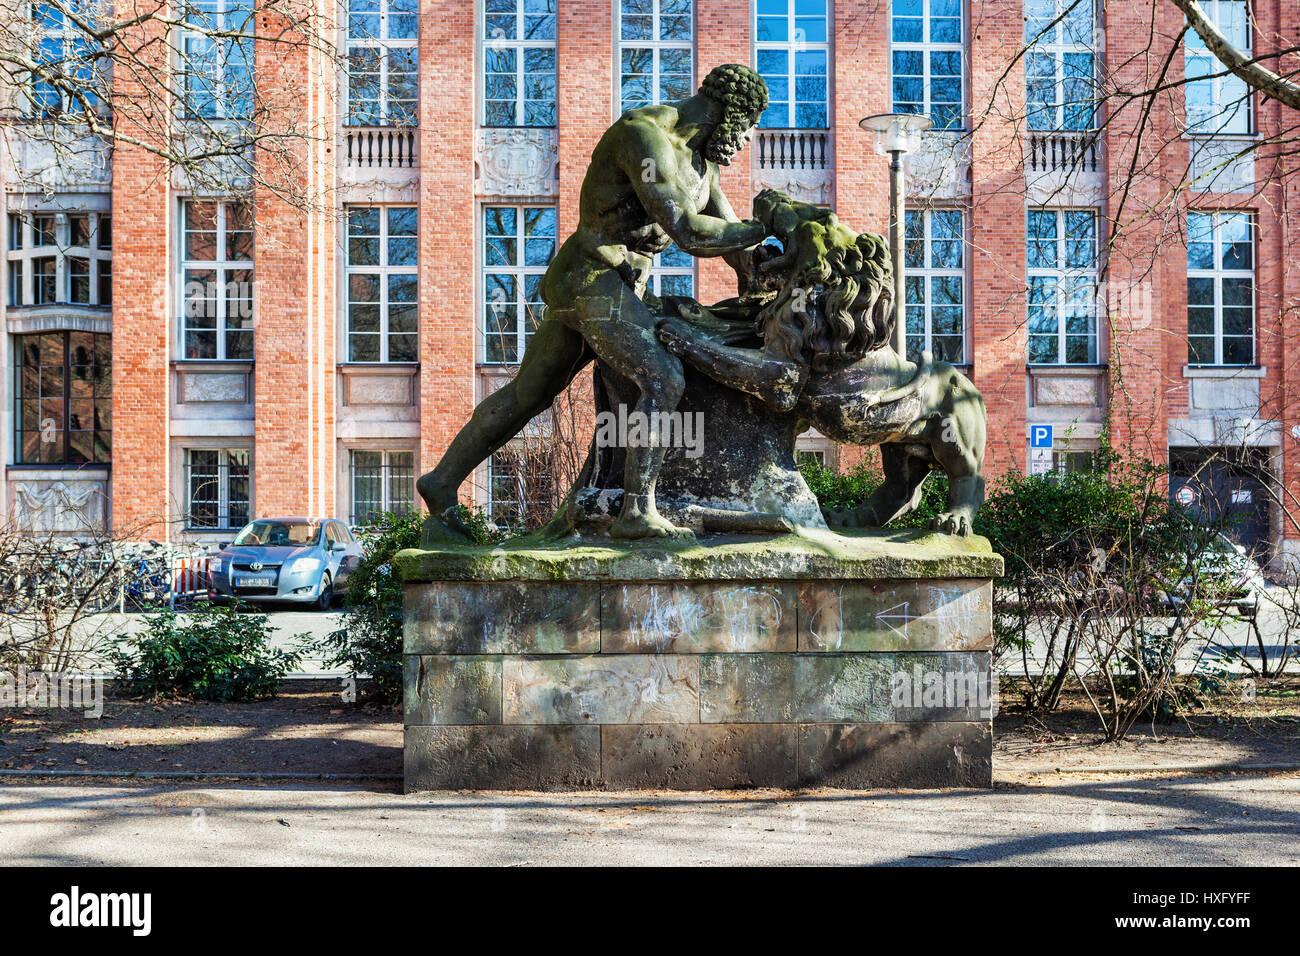 Hércules luchando contra el león Nemean, Público arwork escultura en piedra por Gottfried Schadow en Köllnischen Park. Köllnischer Park es un parque público en Mitte, Foto de stock